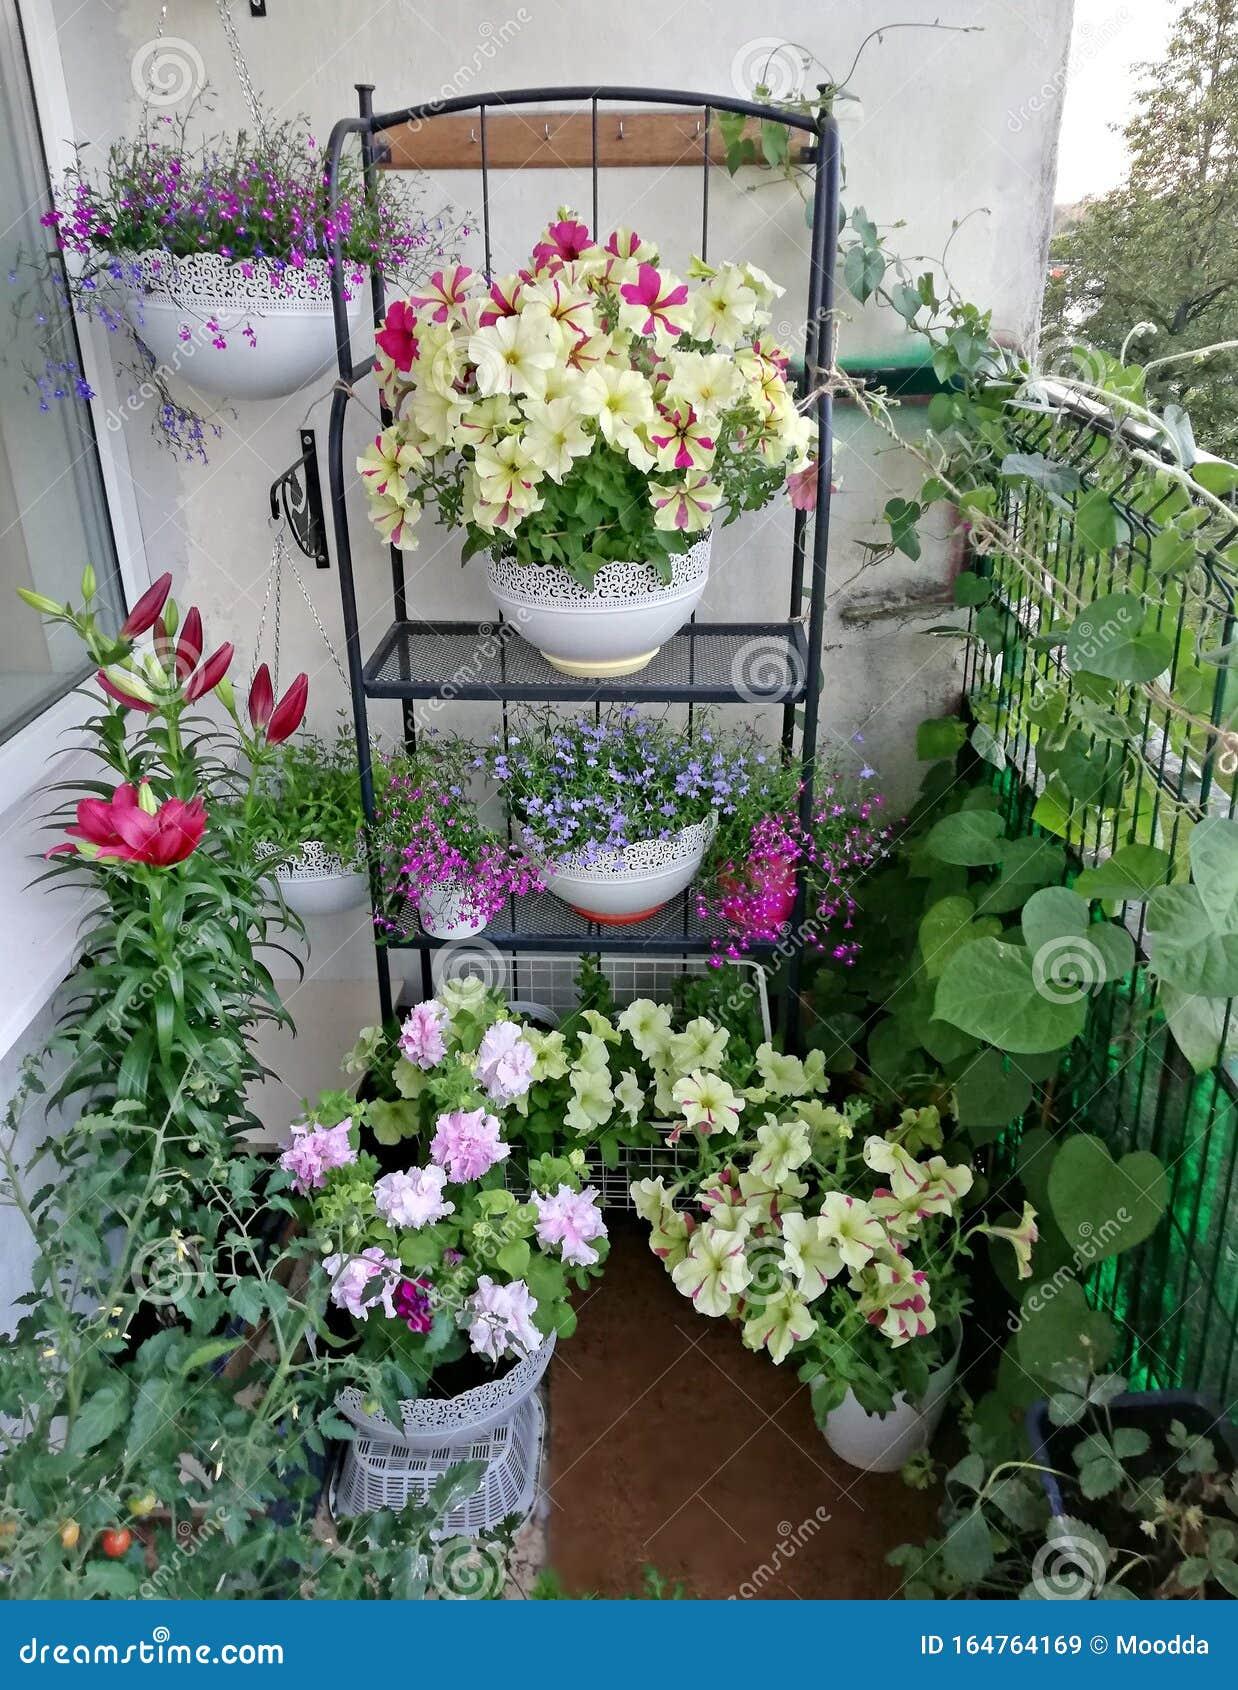 Small Sunny Urban Garden On The Balcony Stock Image Image Of Gardens Balcony 164764169